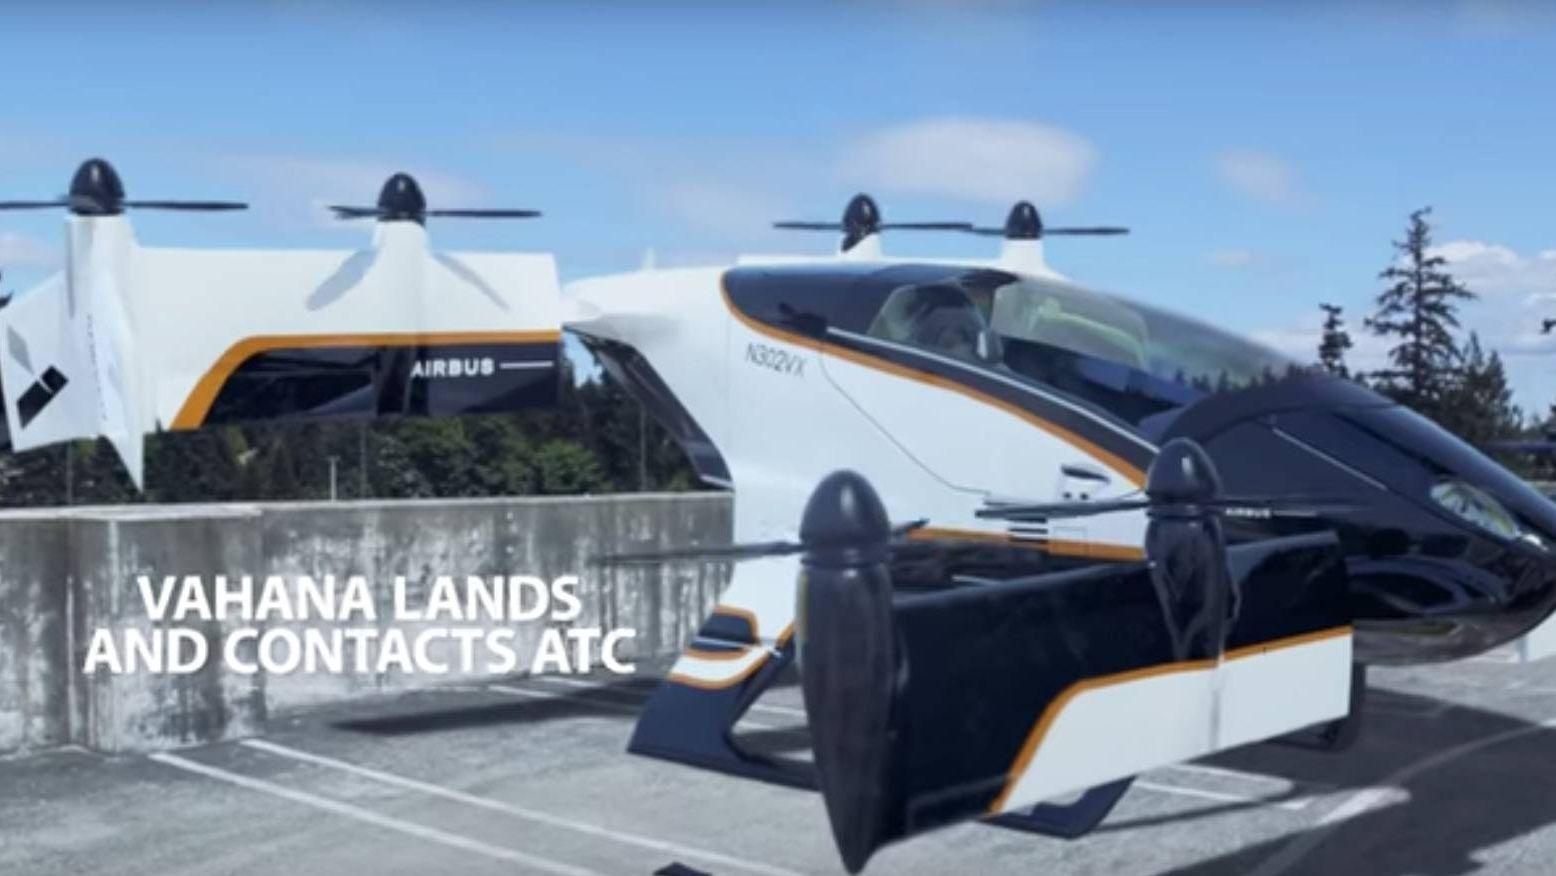 Vahana обнародовала видео первого полета беспилотного летающего такси